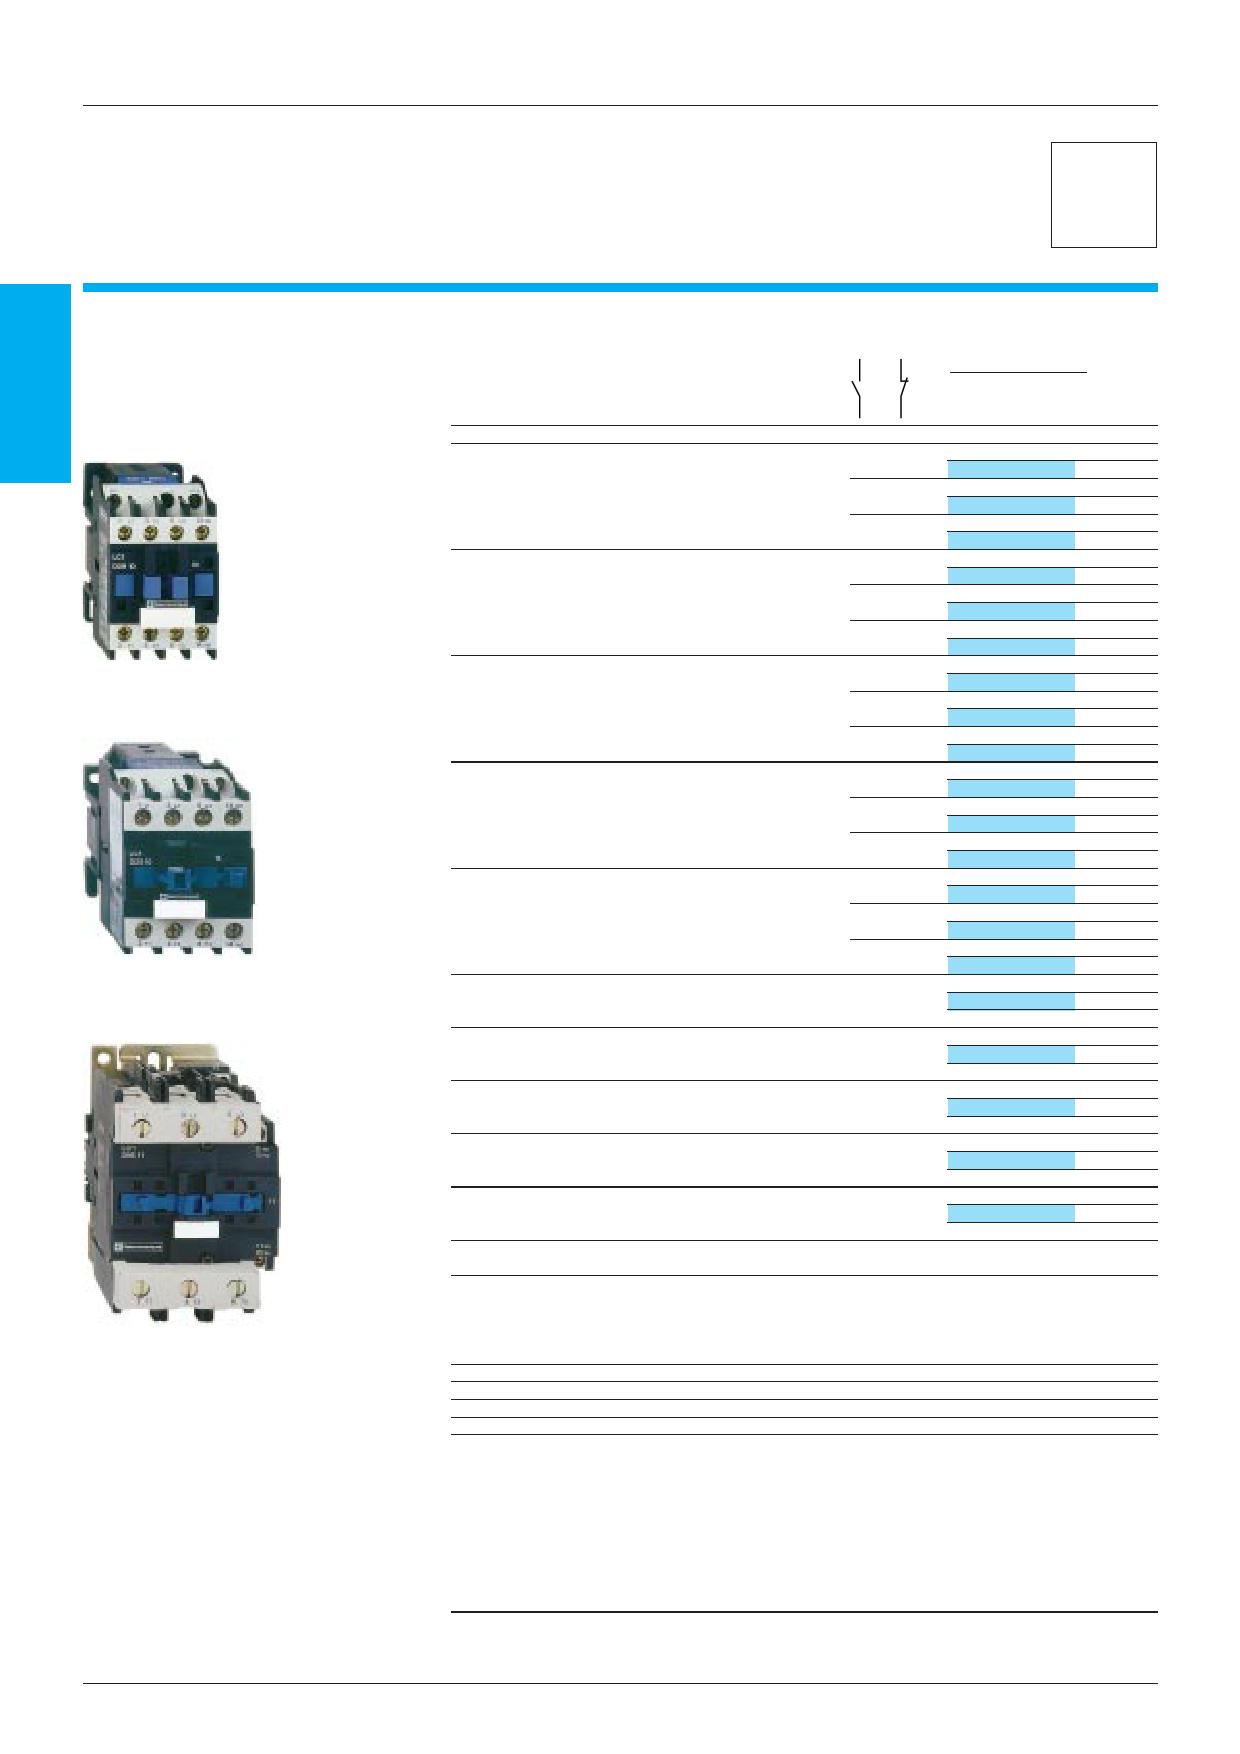 LC1-D25004xx datasheet